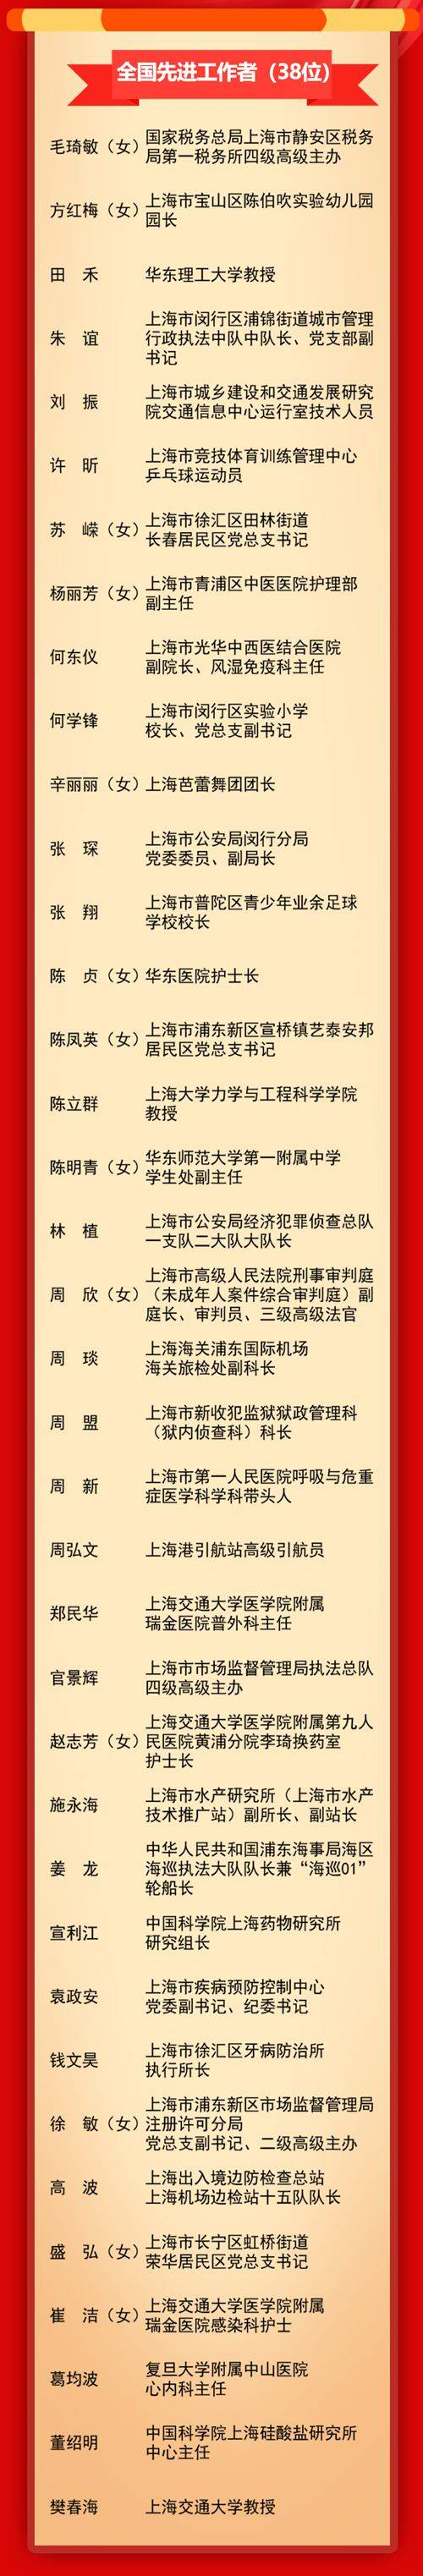 上海112位全国劳动模范和先进工作者名单正式公布